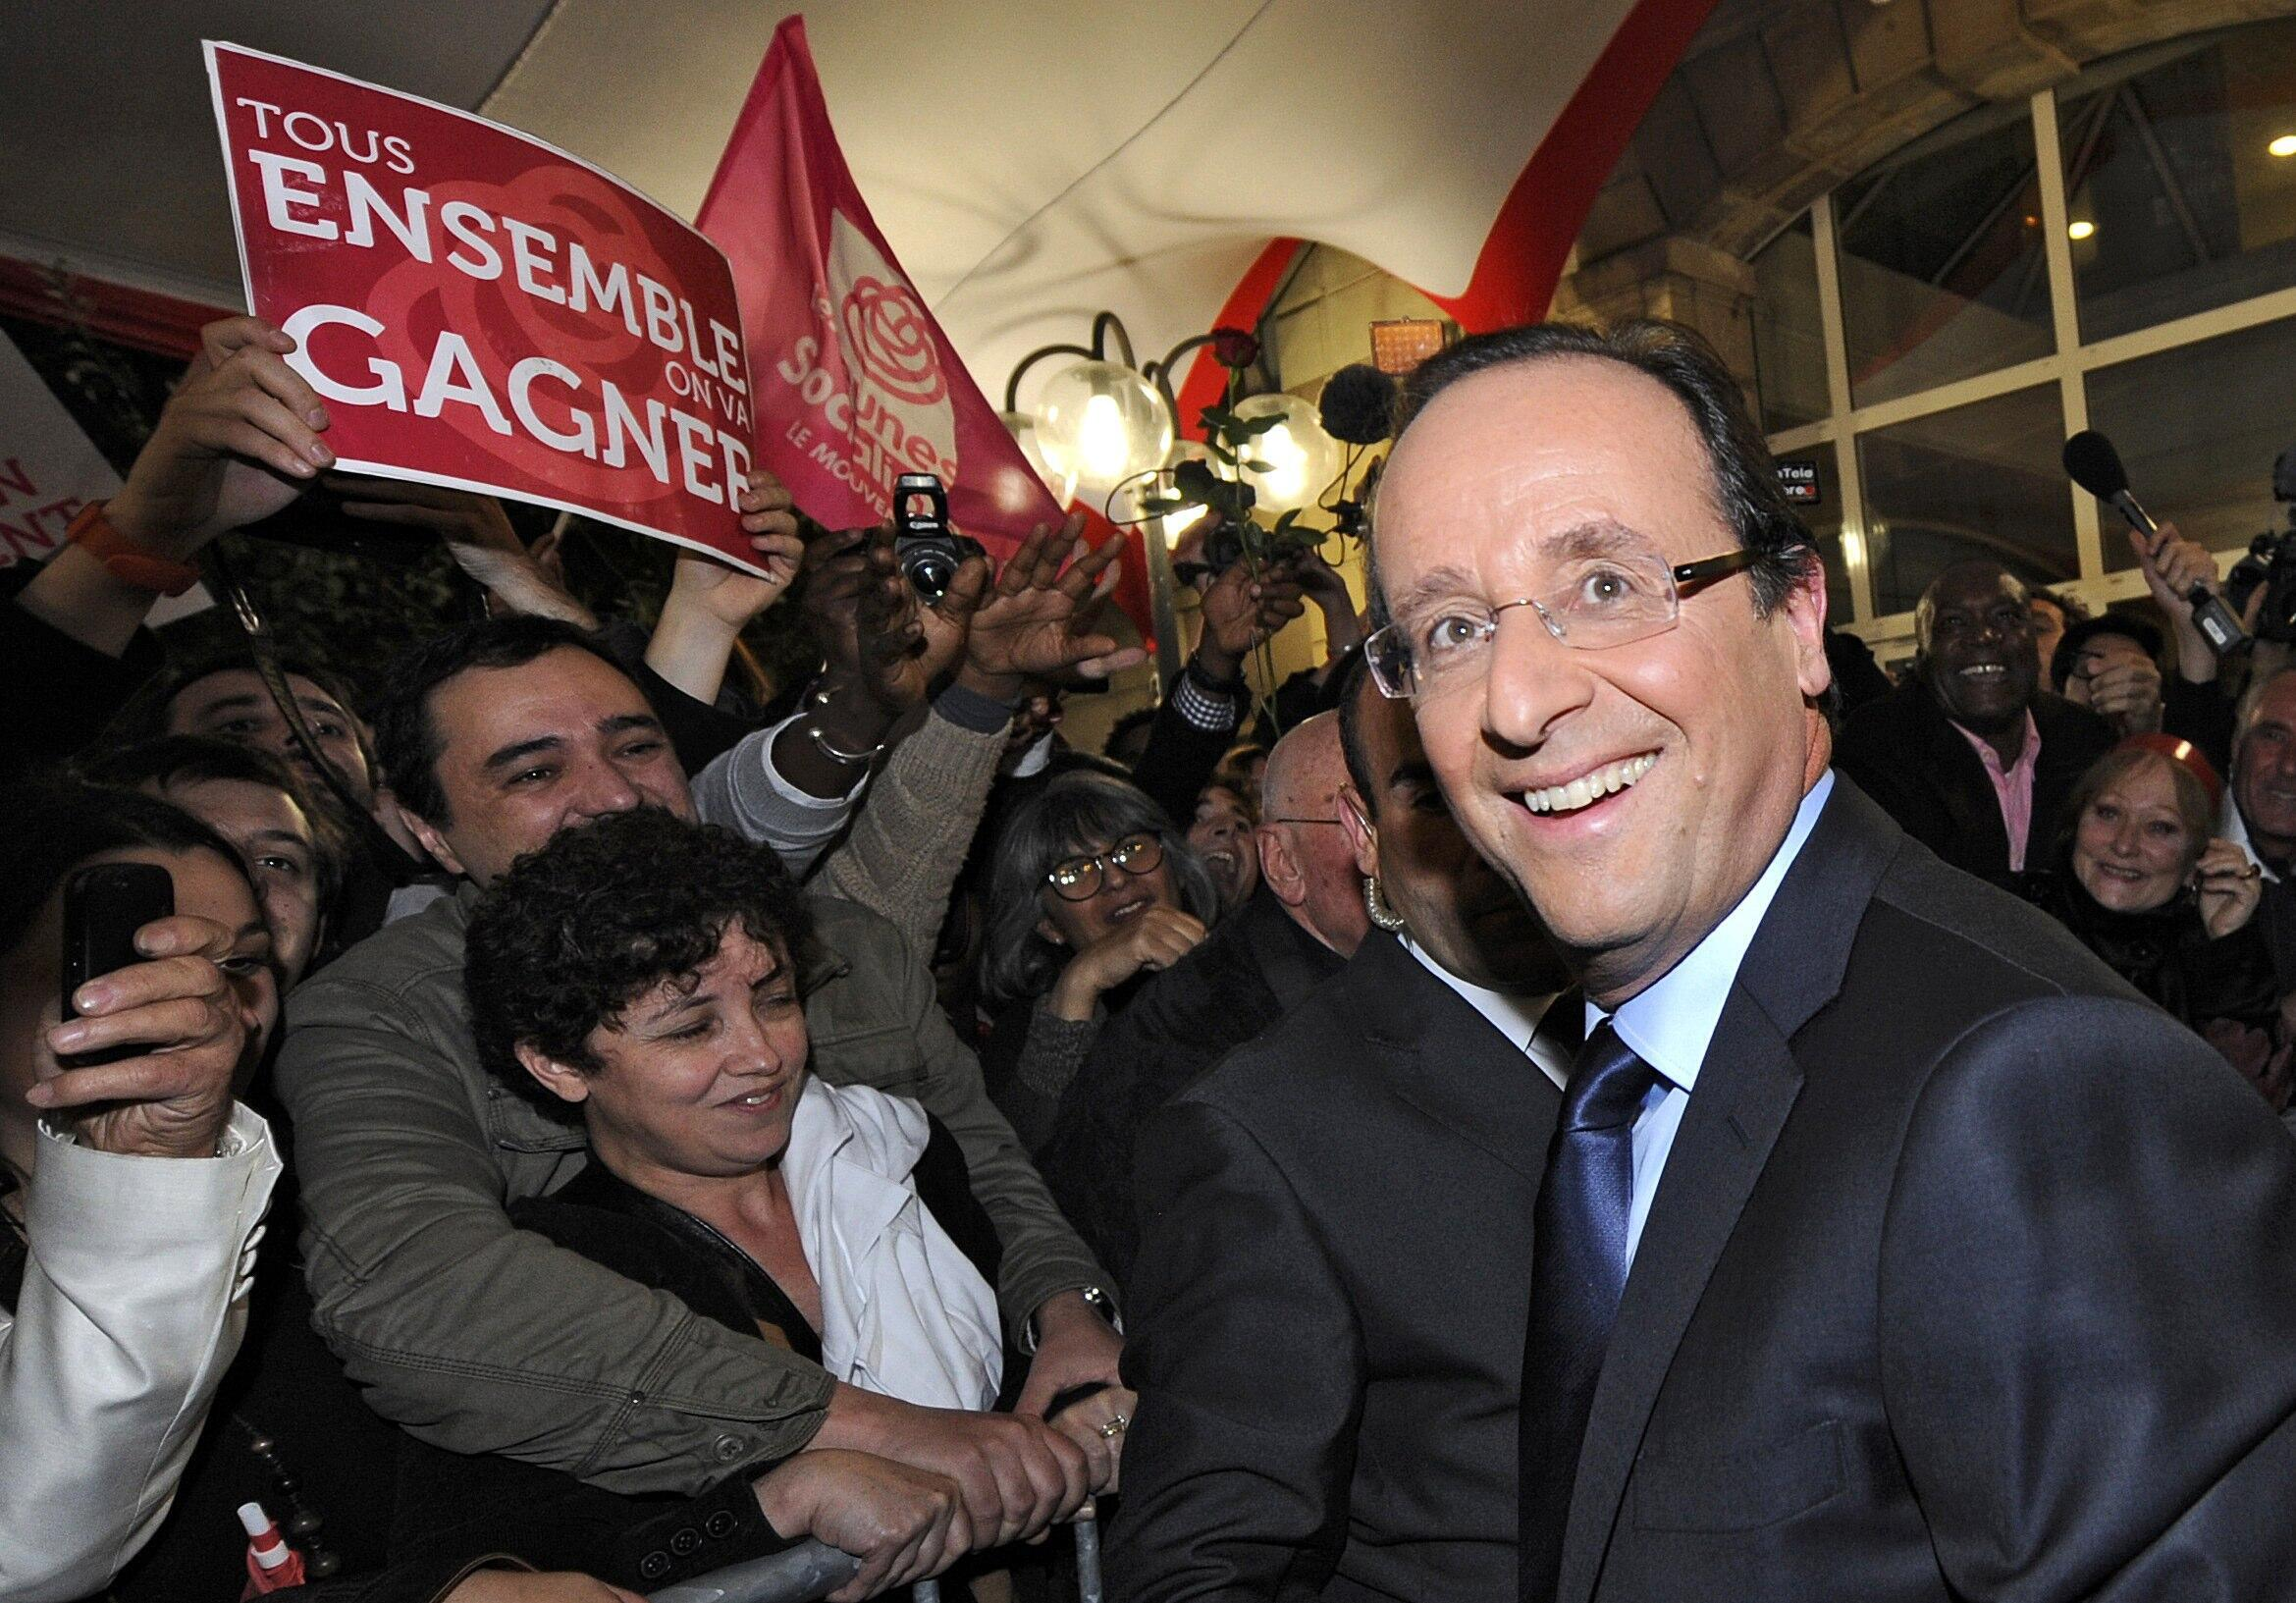 François Hollande ứng cử viên tổng thống của đảng Xã hội